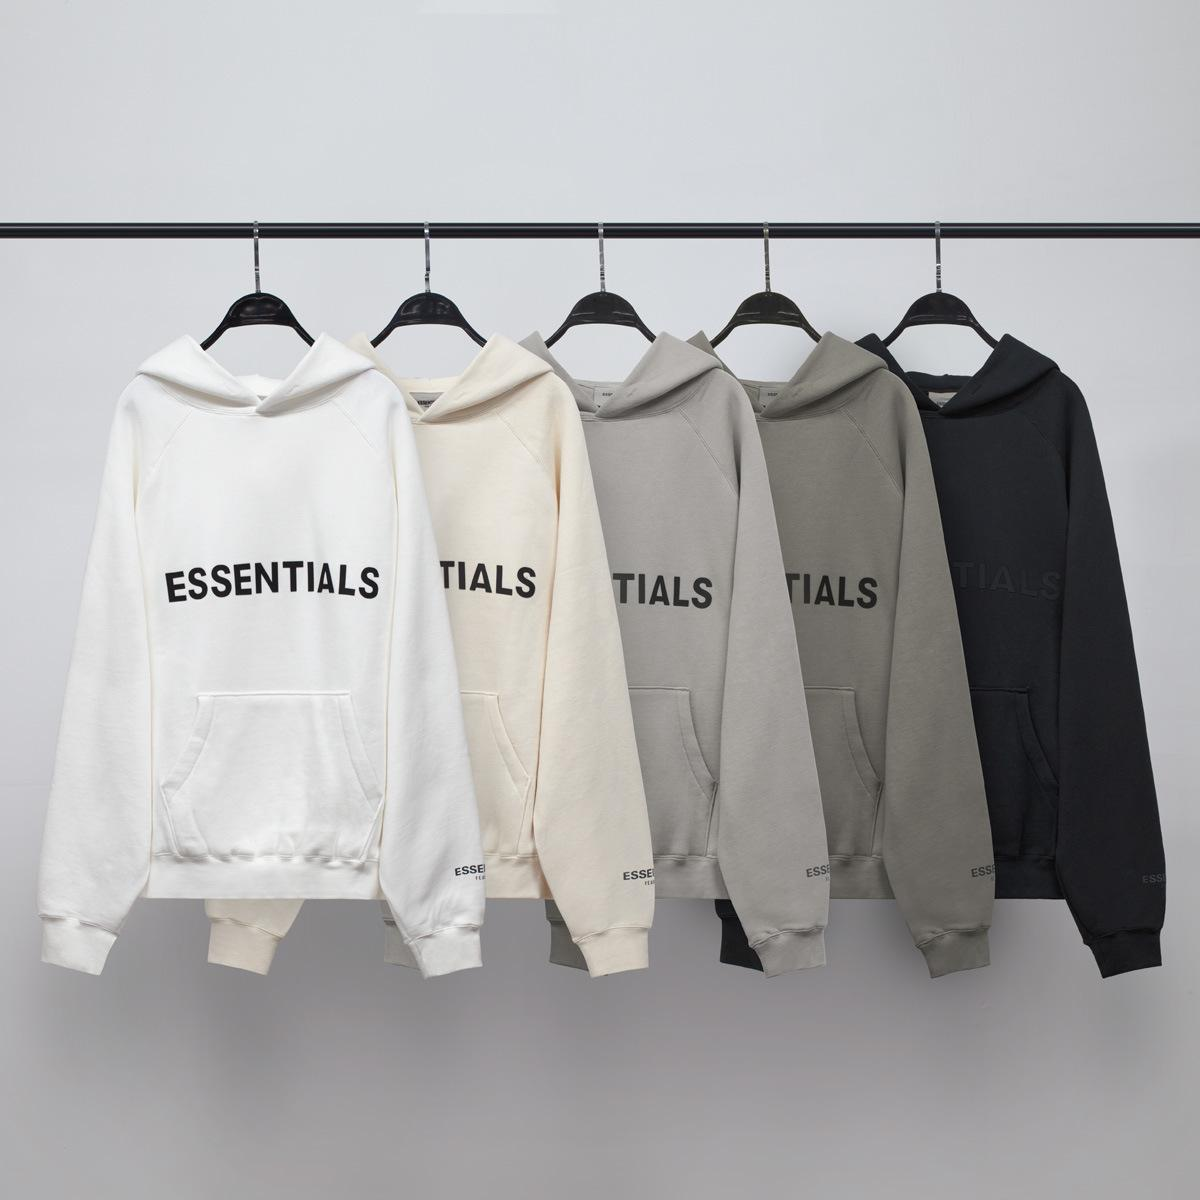 High Street Страх перед Богом Основы Новый двухлетный туман Свитер Модные Бренд Светоотражающие буквы Свободные Модные толстовки